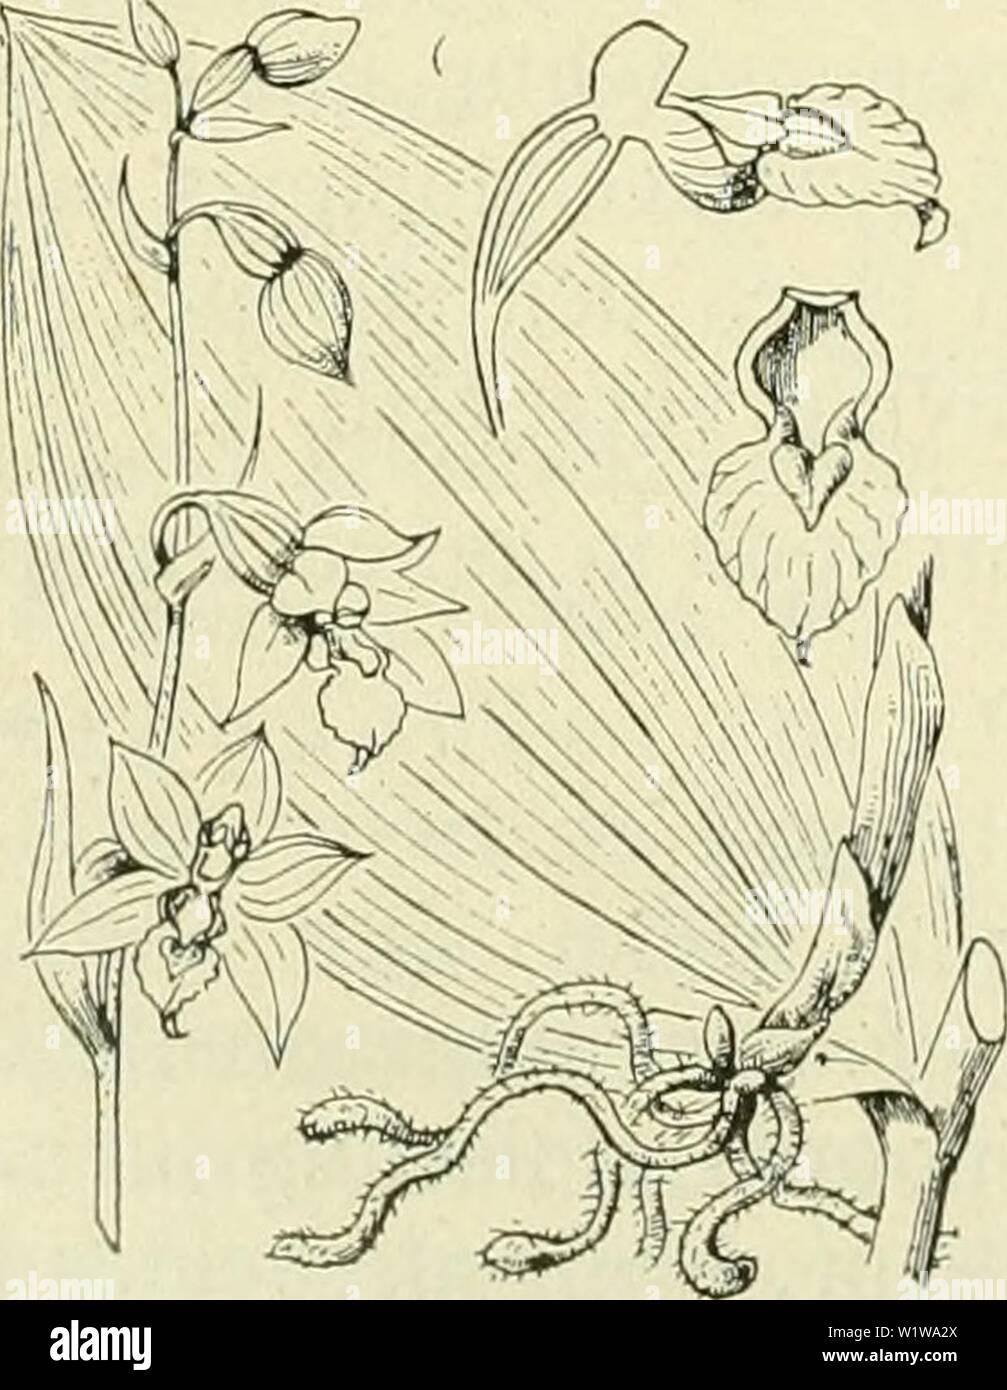 Archive image from page 635 of De flora van Nederland (1909-11). De flora van Nederland  defloravannederl01heuk Year: 1909-11. 94 ORCHIDACEAE. FAMILIE 19. verdikt Vruchtbeginsel niet, doch de bloemsteel wel gedraaid. Stempelzuil kort, iets toegespitst. Helmknop bijna rechtopstaand, vrij, beweeglijk, boven het snaveltje uitstekend, stomp, met korten helmdraad. Stuifmeelklompjes zittend, door een streep in 2 helften gedeeld met korrelig stuifmeel, alleen door fijne elastische draden onderling verbonden. Zij zijn door een gemeen- schappelijk, bijna bolrond hechtkliertje vereenigd. Stempel bijna v - Stock Image